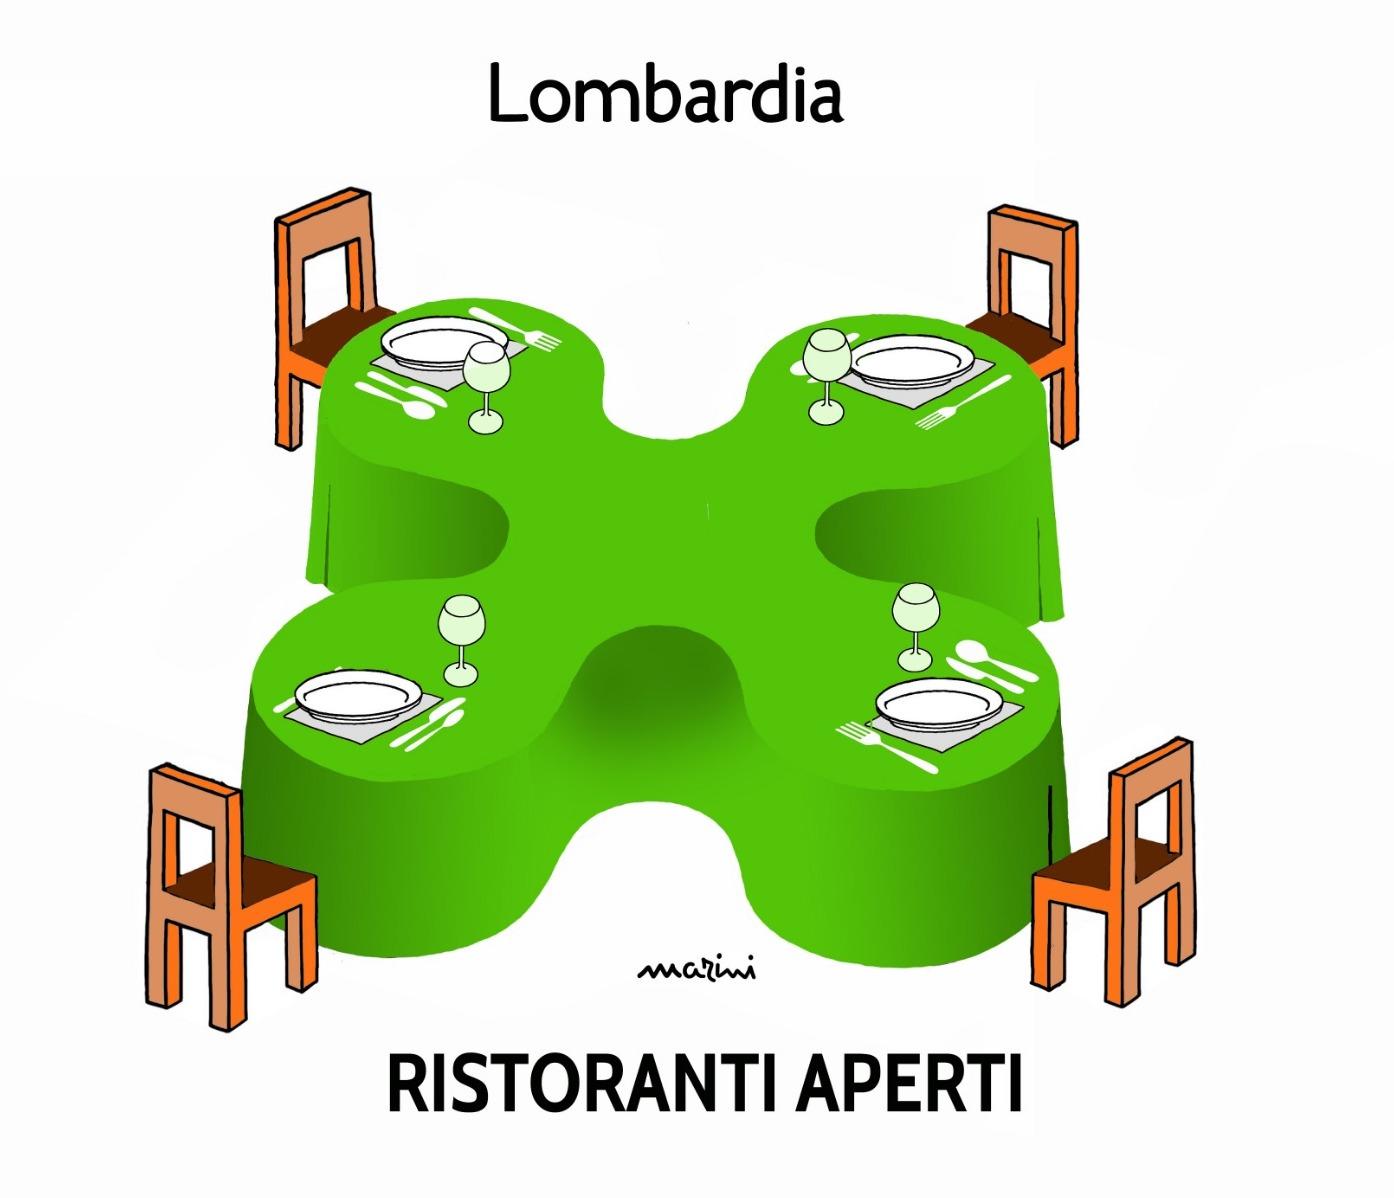 regione fase 2 ristoranti